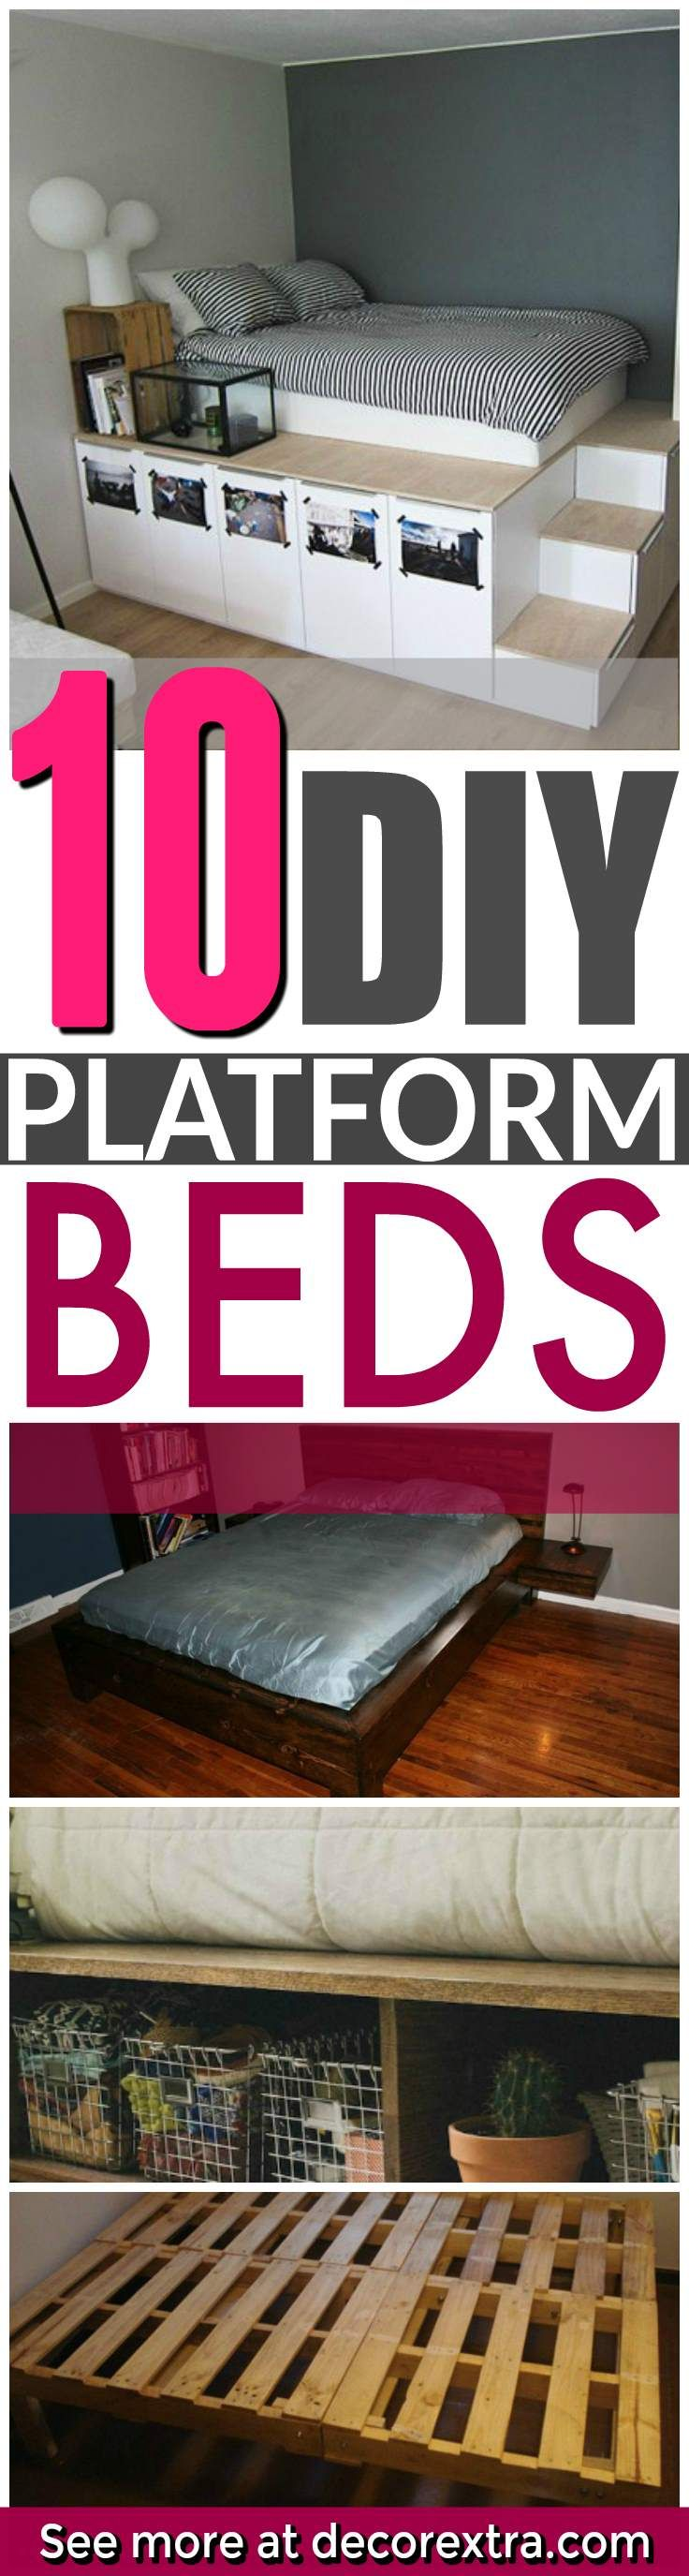 top 10 diy platform beds | diy platform bed, platform beds and diy, Badezimmer ideen